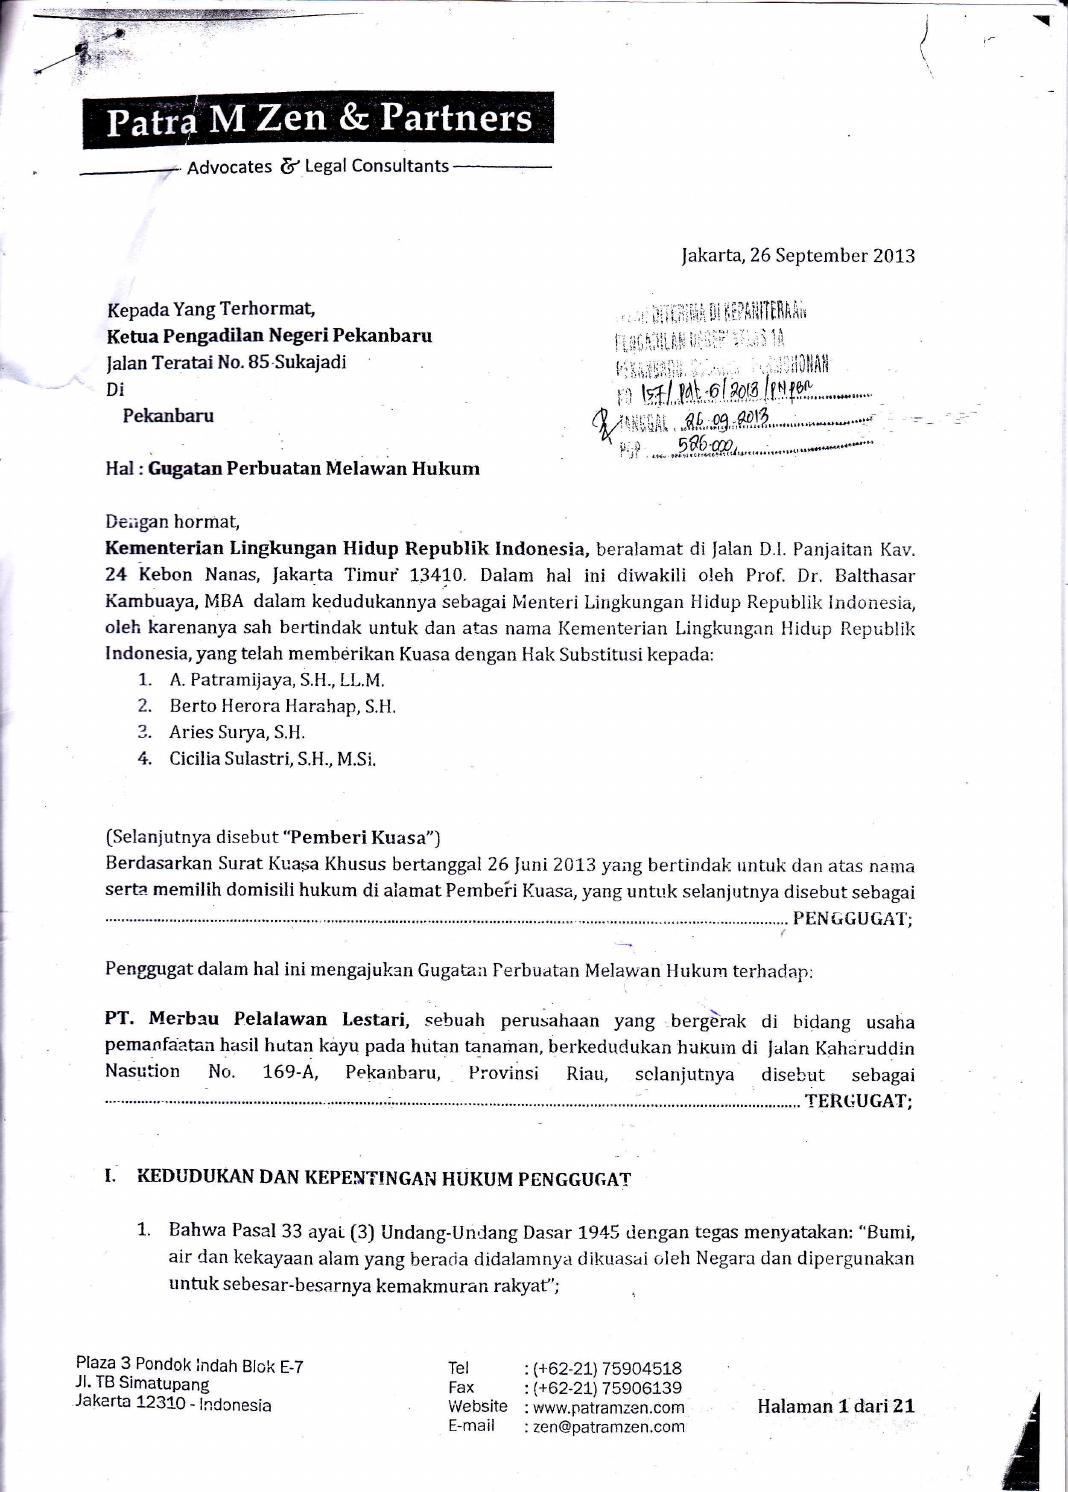 Gugatan Sidang Merbau Pelalawan Lestari by Senarai ID - issuu